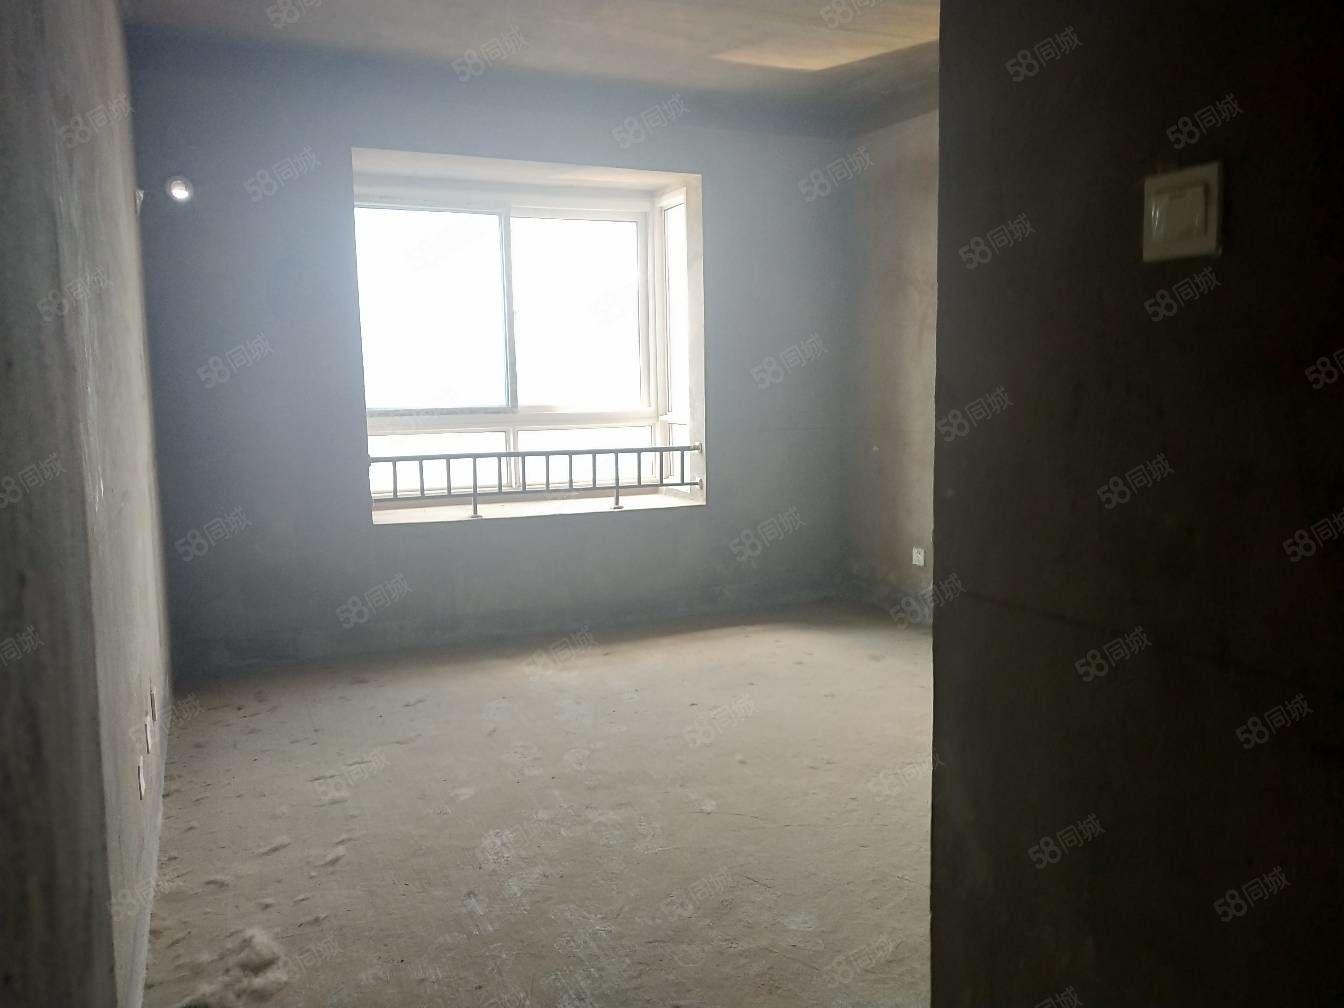 国购名都有三室毛坯房子出售南北通透证2年可按揭